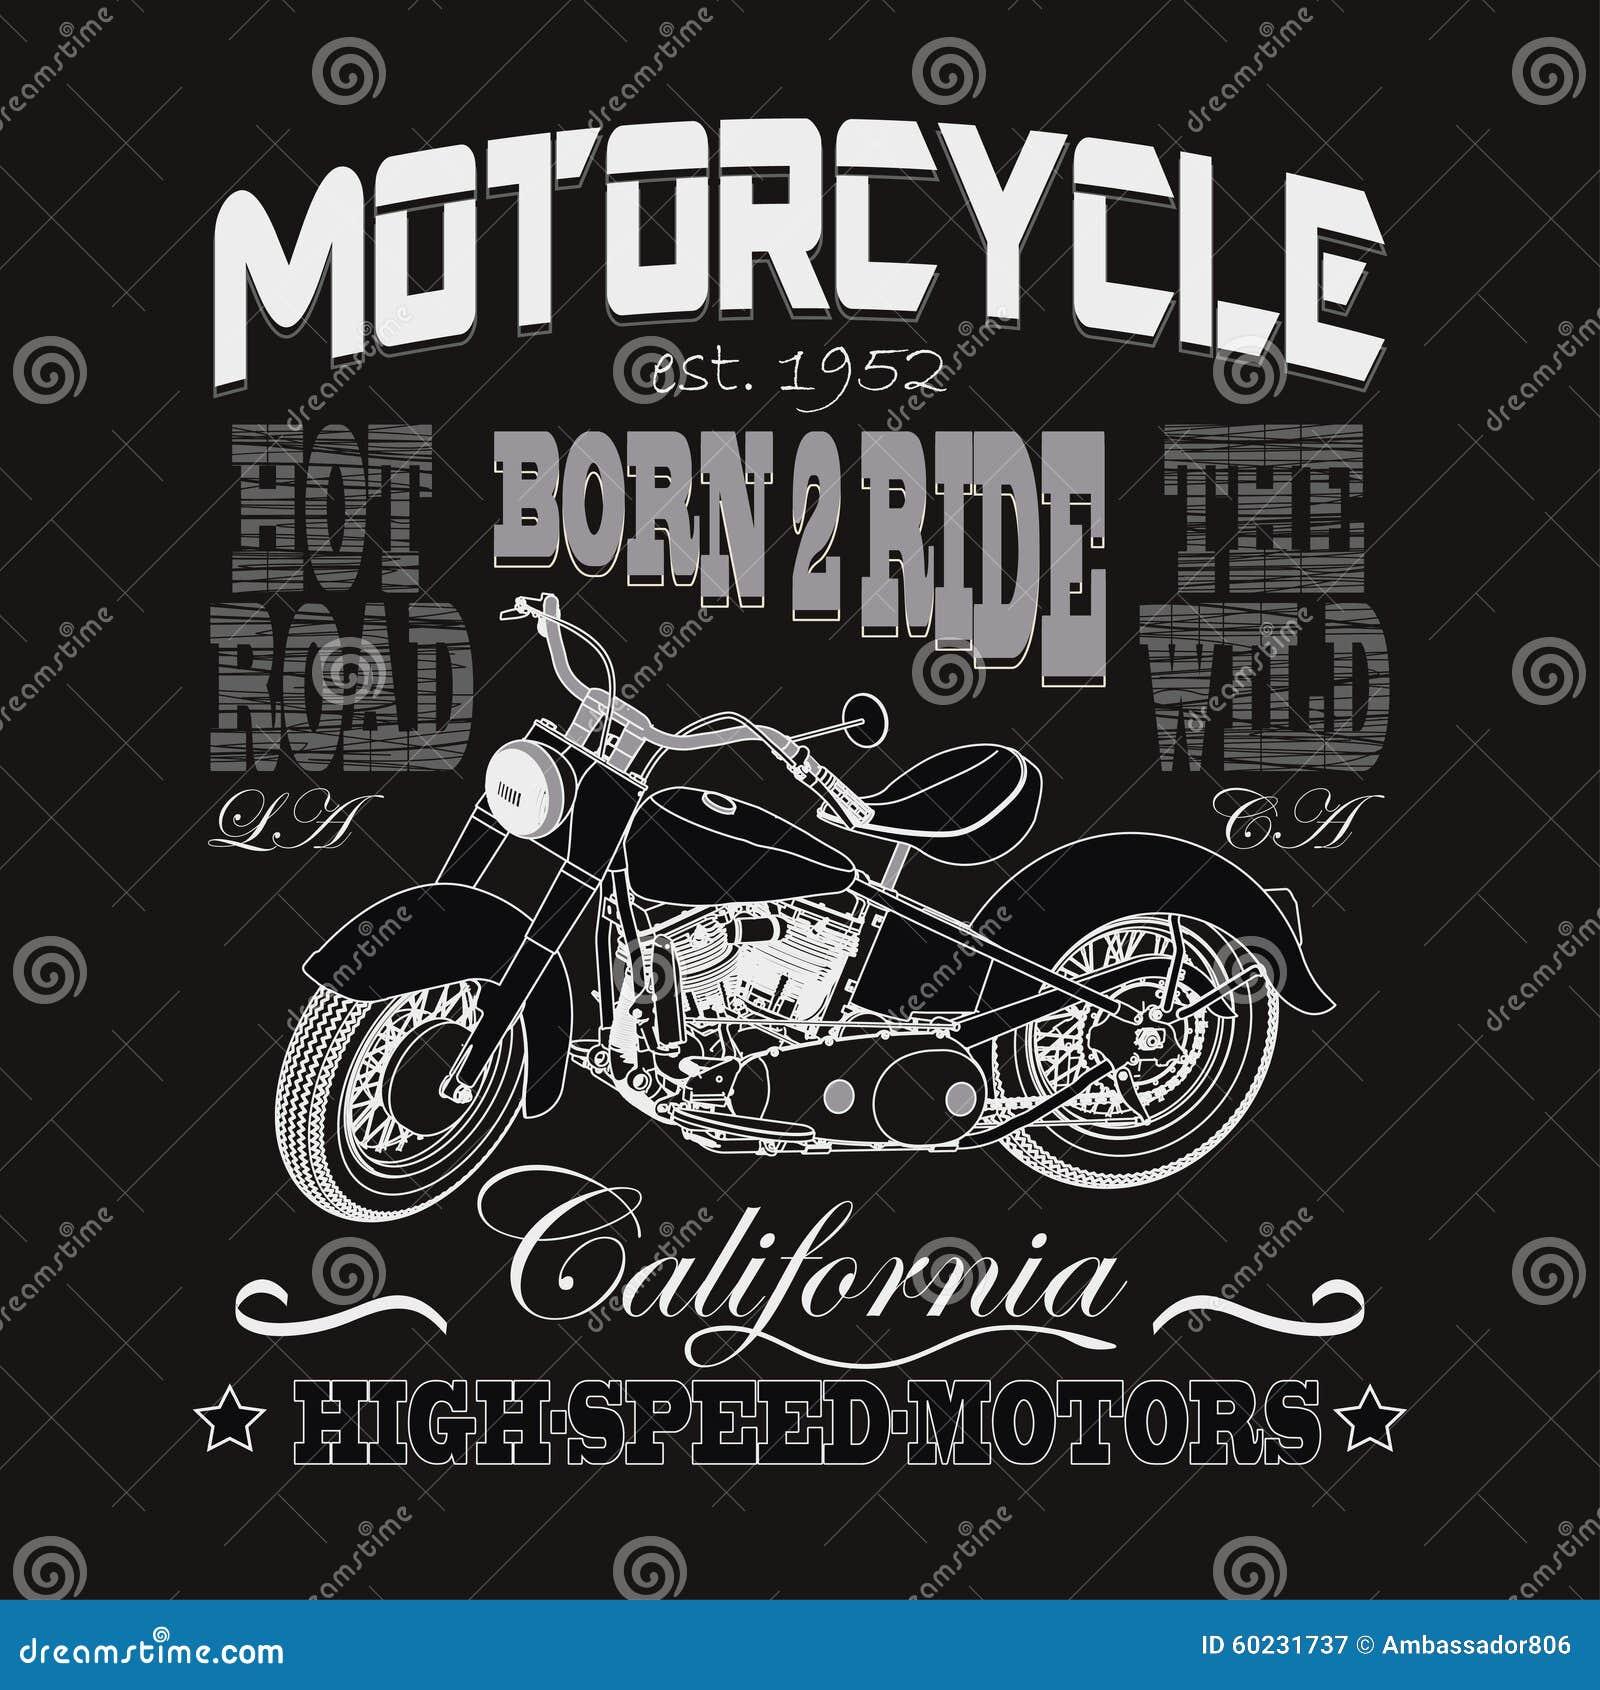 Τυπογραφία αγώνα μοτοσικλετών, μηχανές Καλιφόρνιας